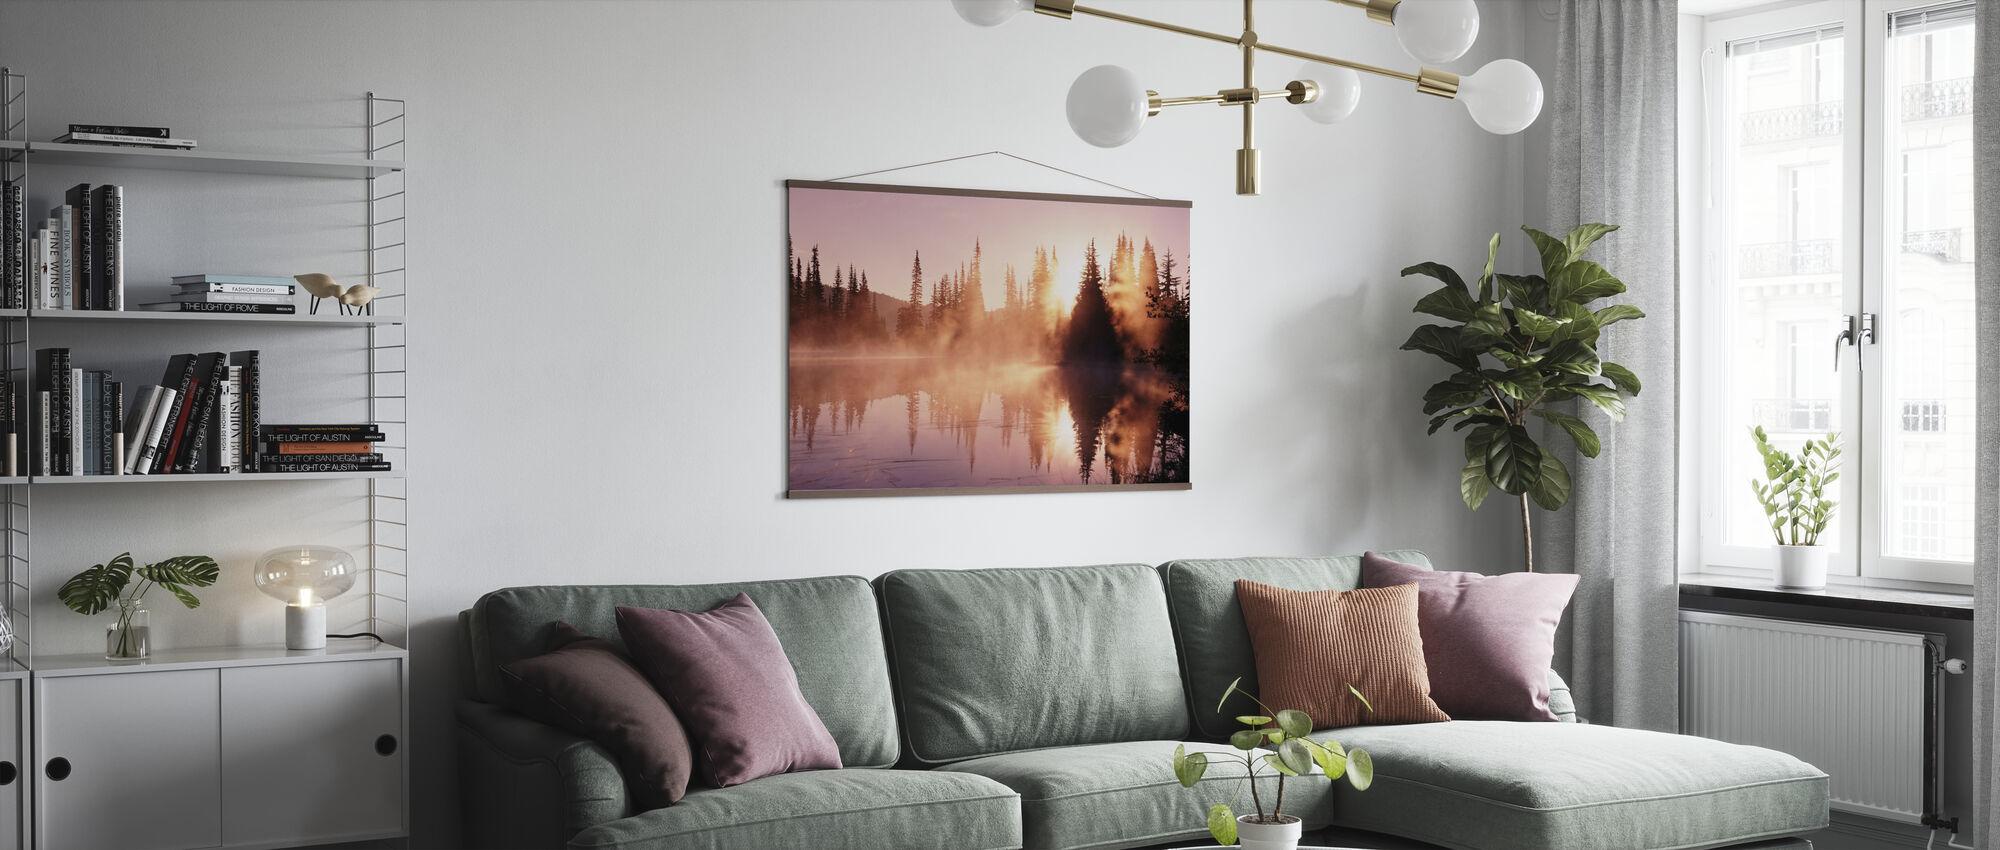 Fog Rising from Lake - Poster - Living Room